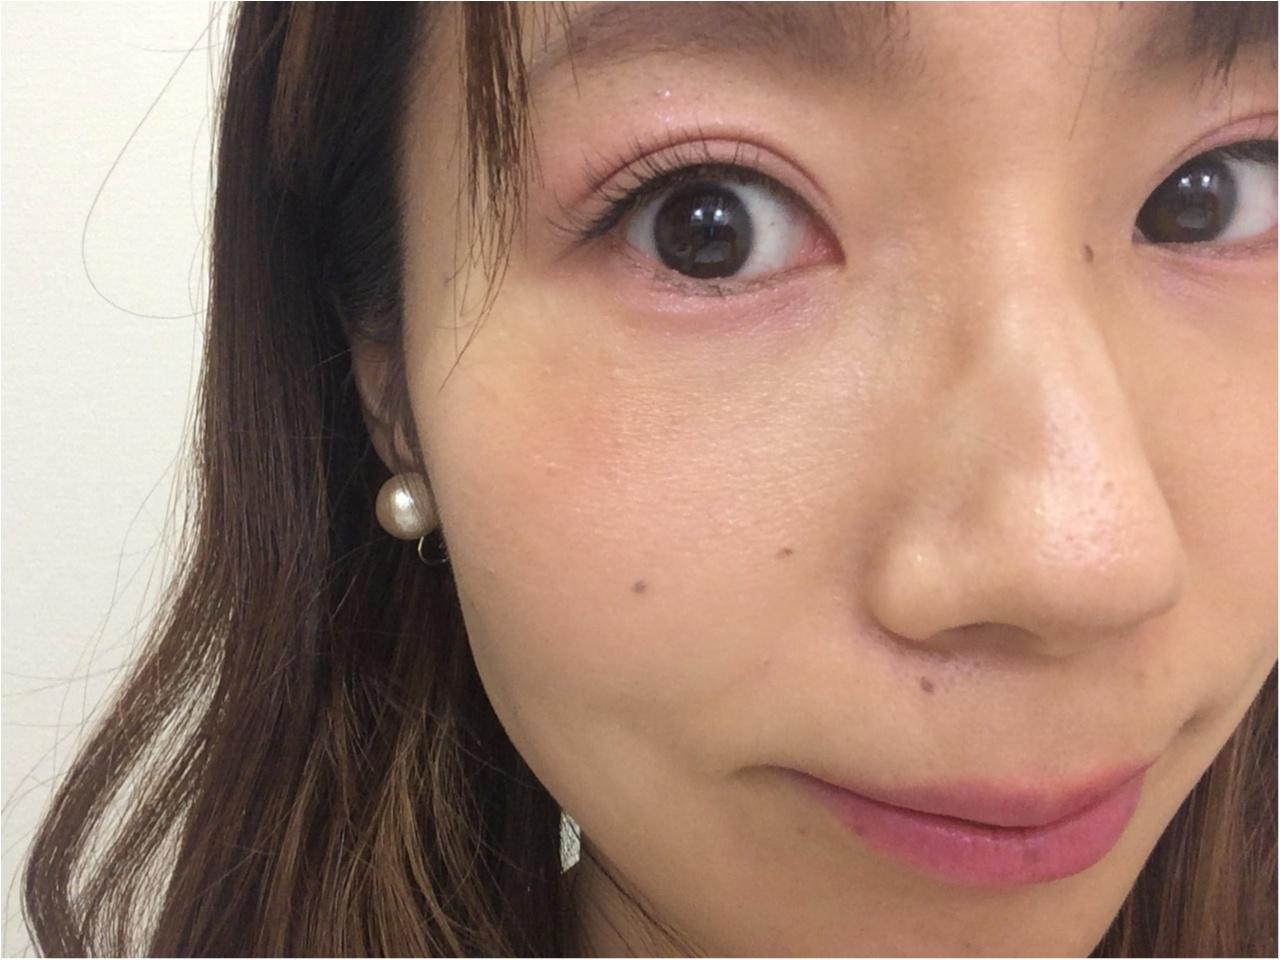 【RMK春夏】「ピンク×ベージュ」イベントのメイク体験レポ!around27に似合う、新生《大人ピンク》顔とは??_5